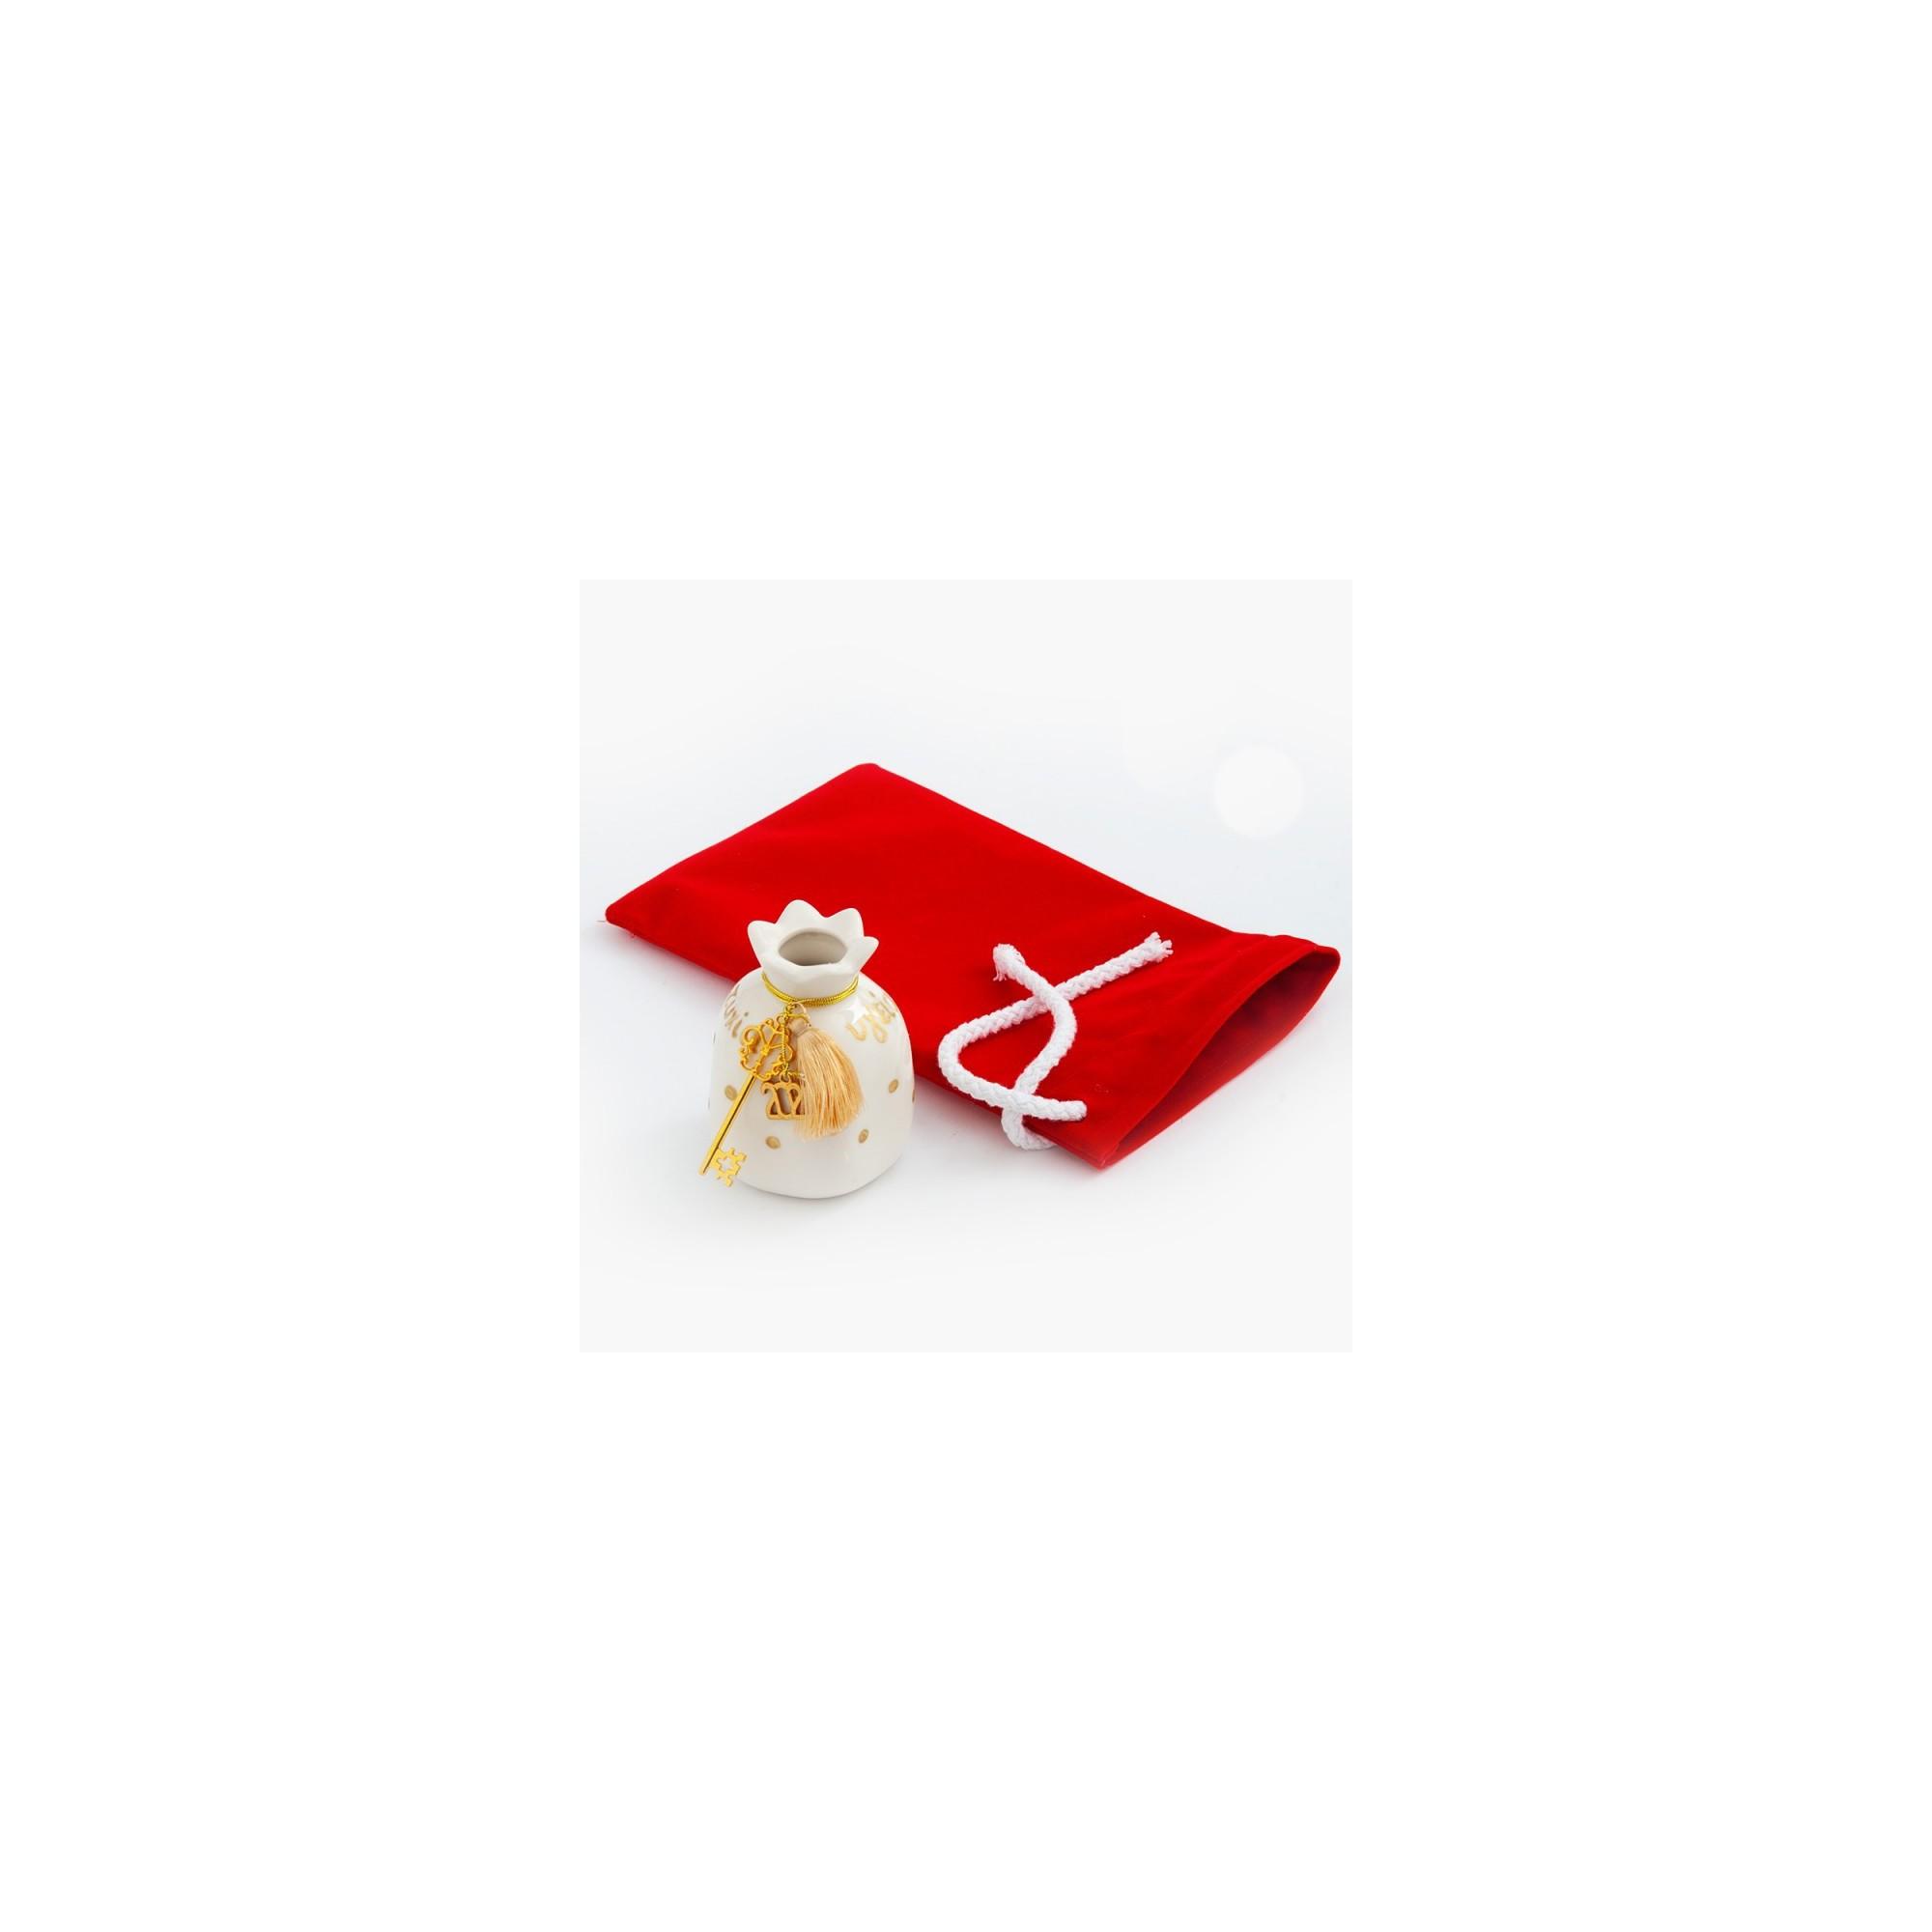 Χριστουγεννιάτικο γούρι με βελούδινο πουγκί - PAR-19244